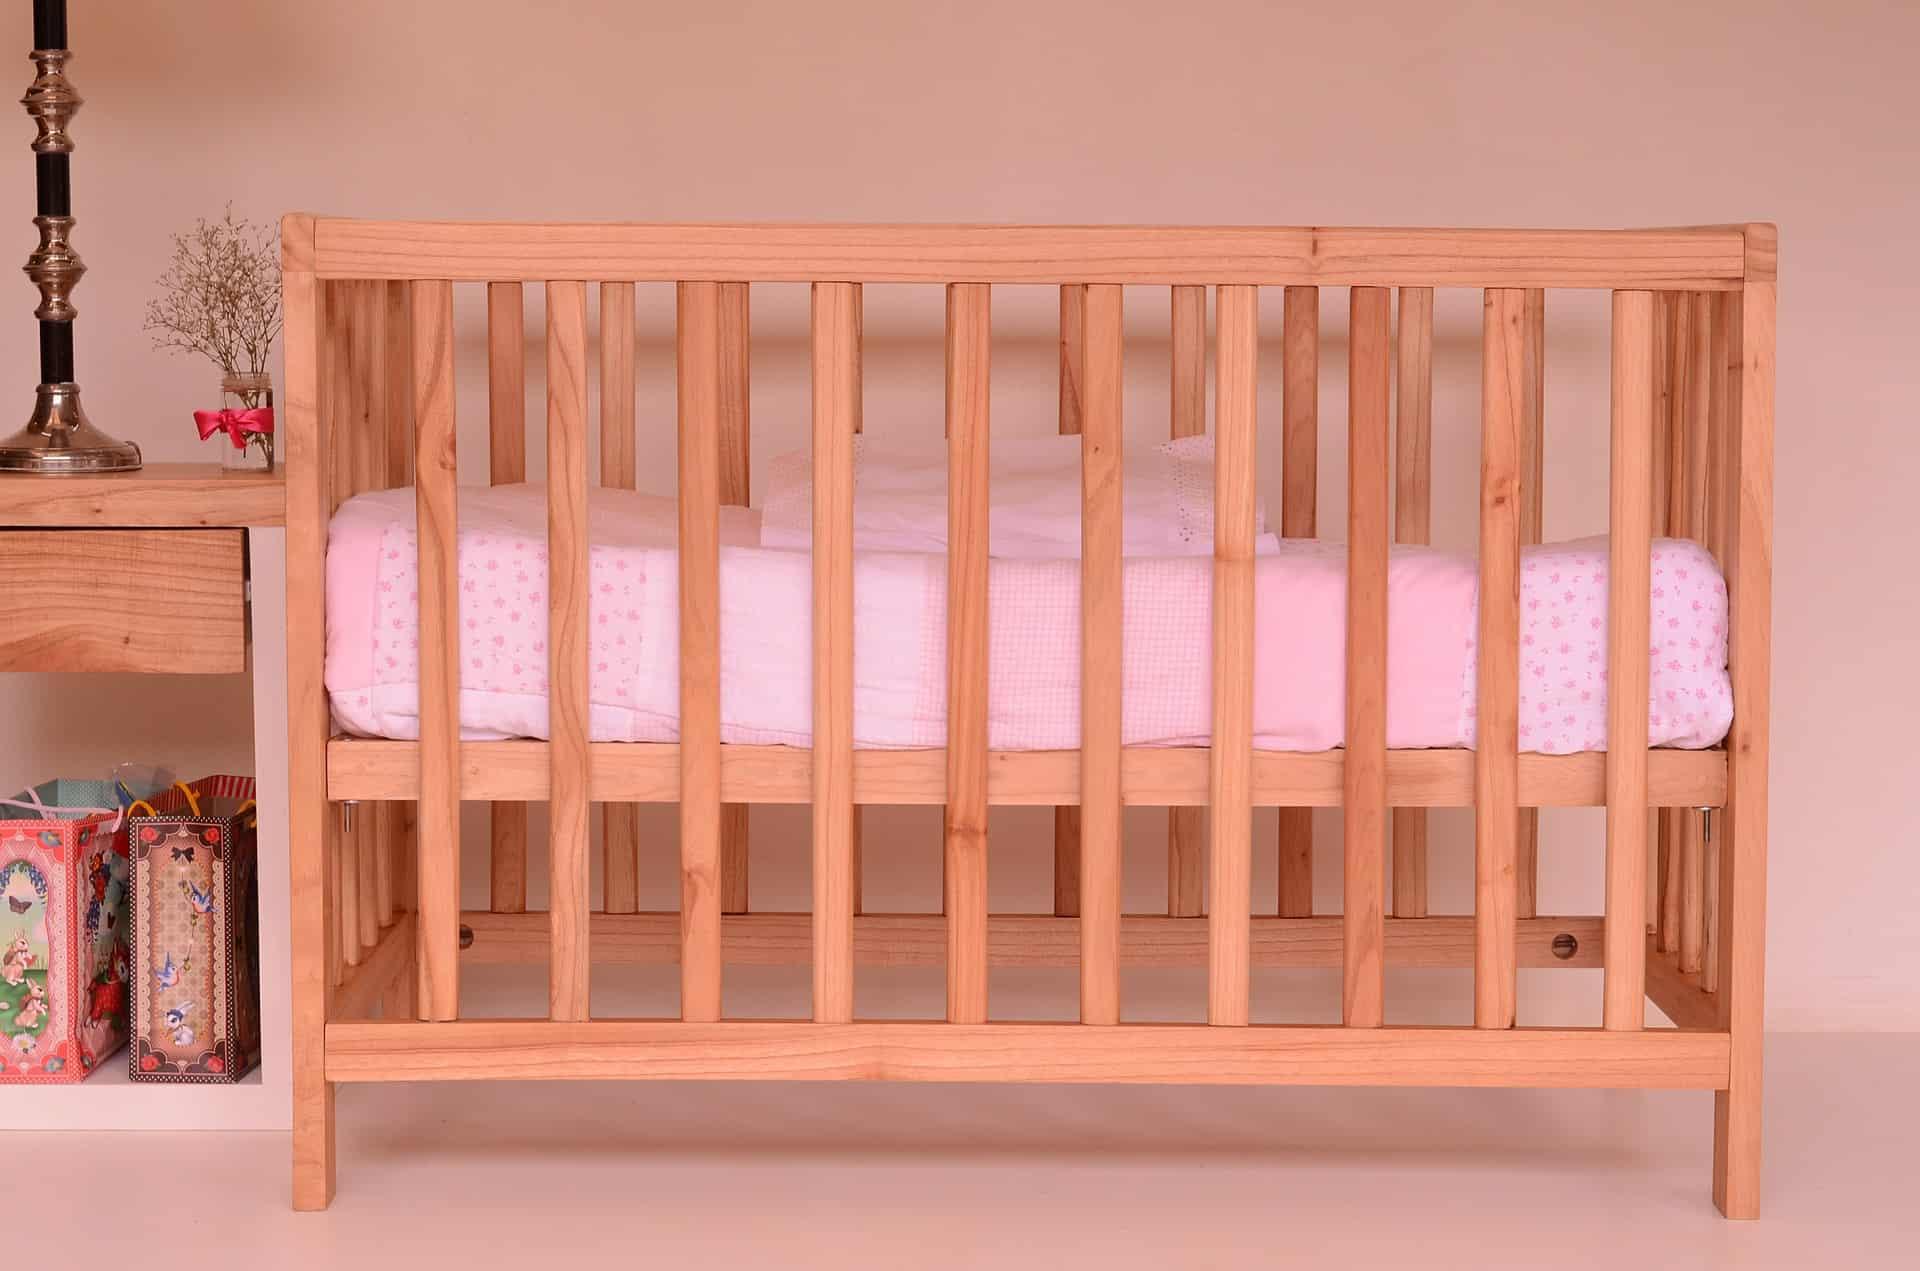 Rausfallschutz Kinderbett: Test & Empfehlungen (04/21)